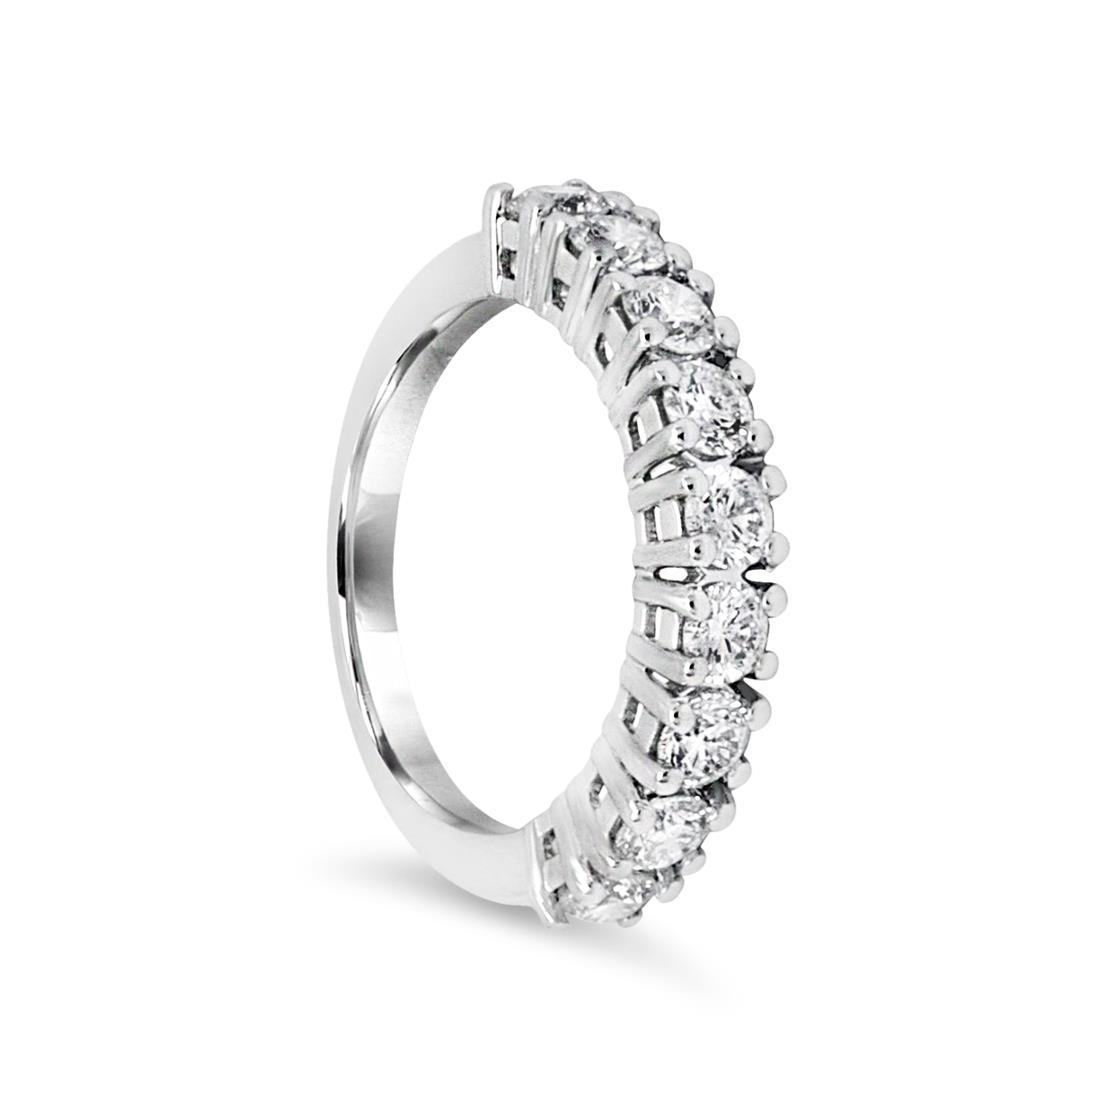 Anello veretta con diamanti - ALFIERI & ST. JOHN